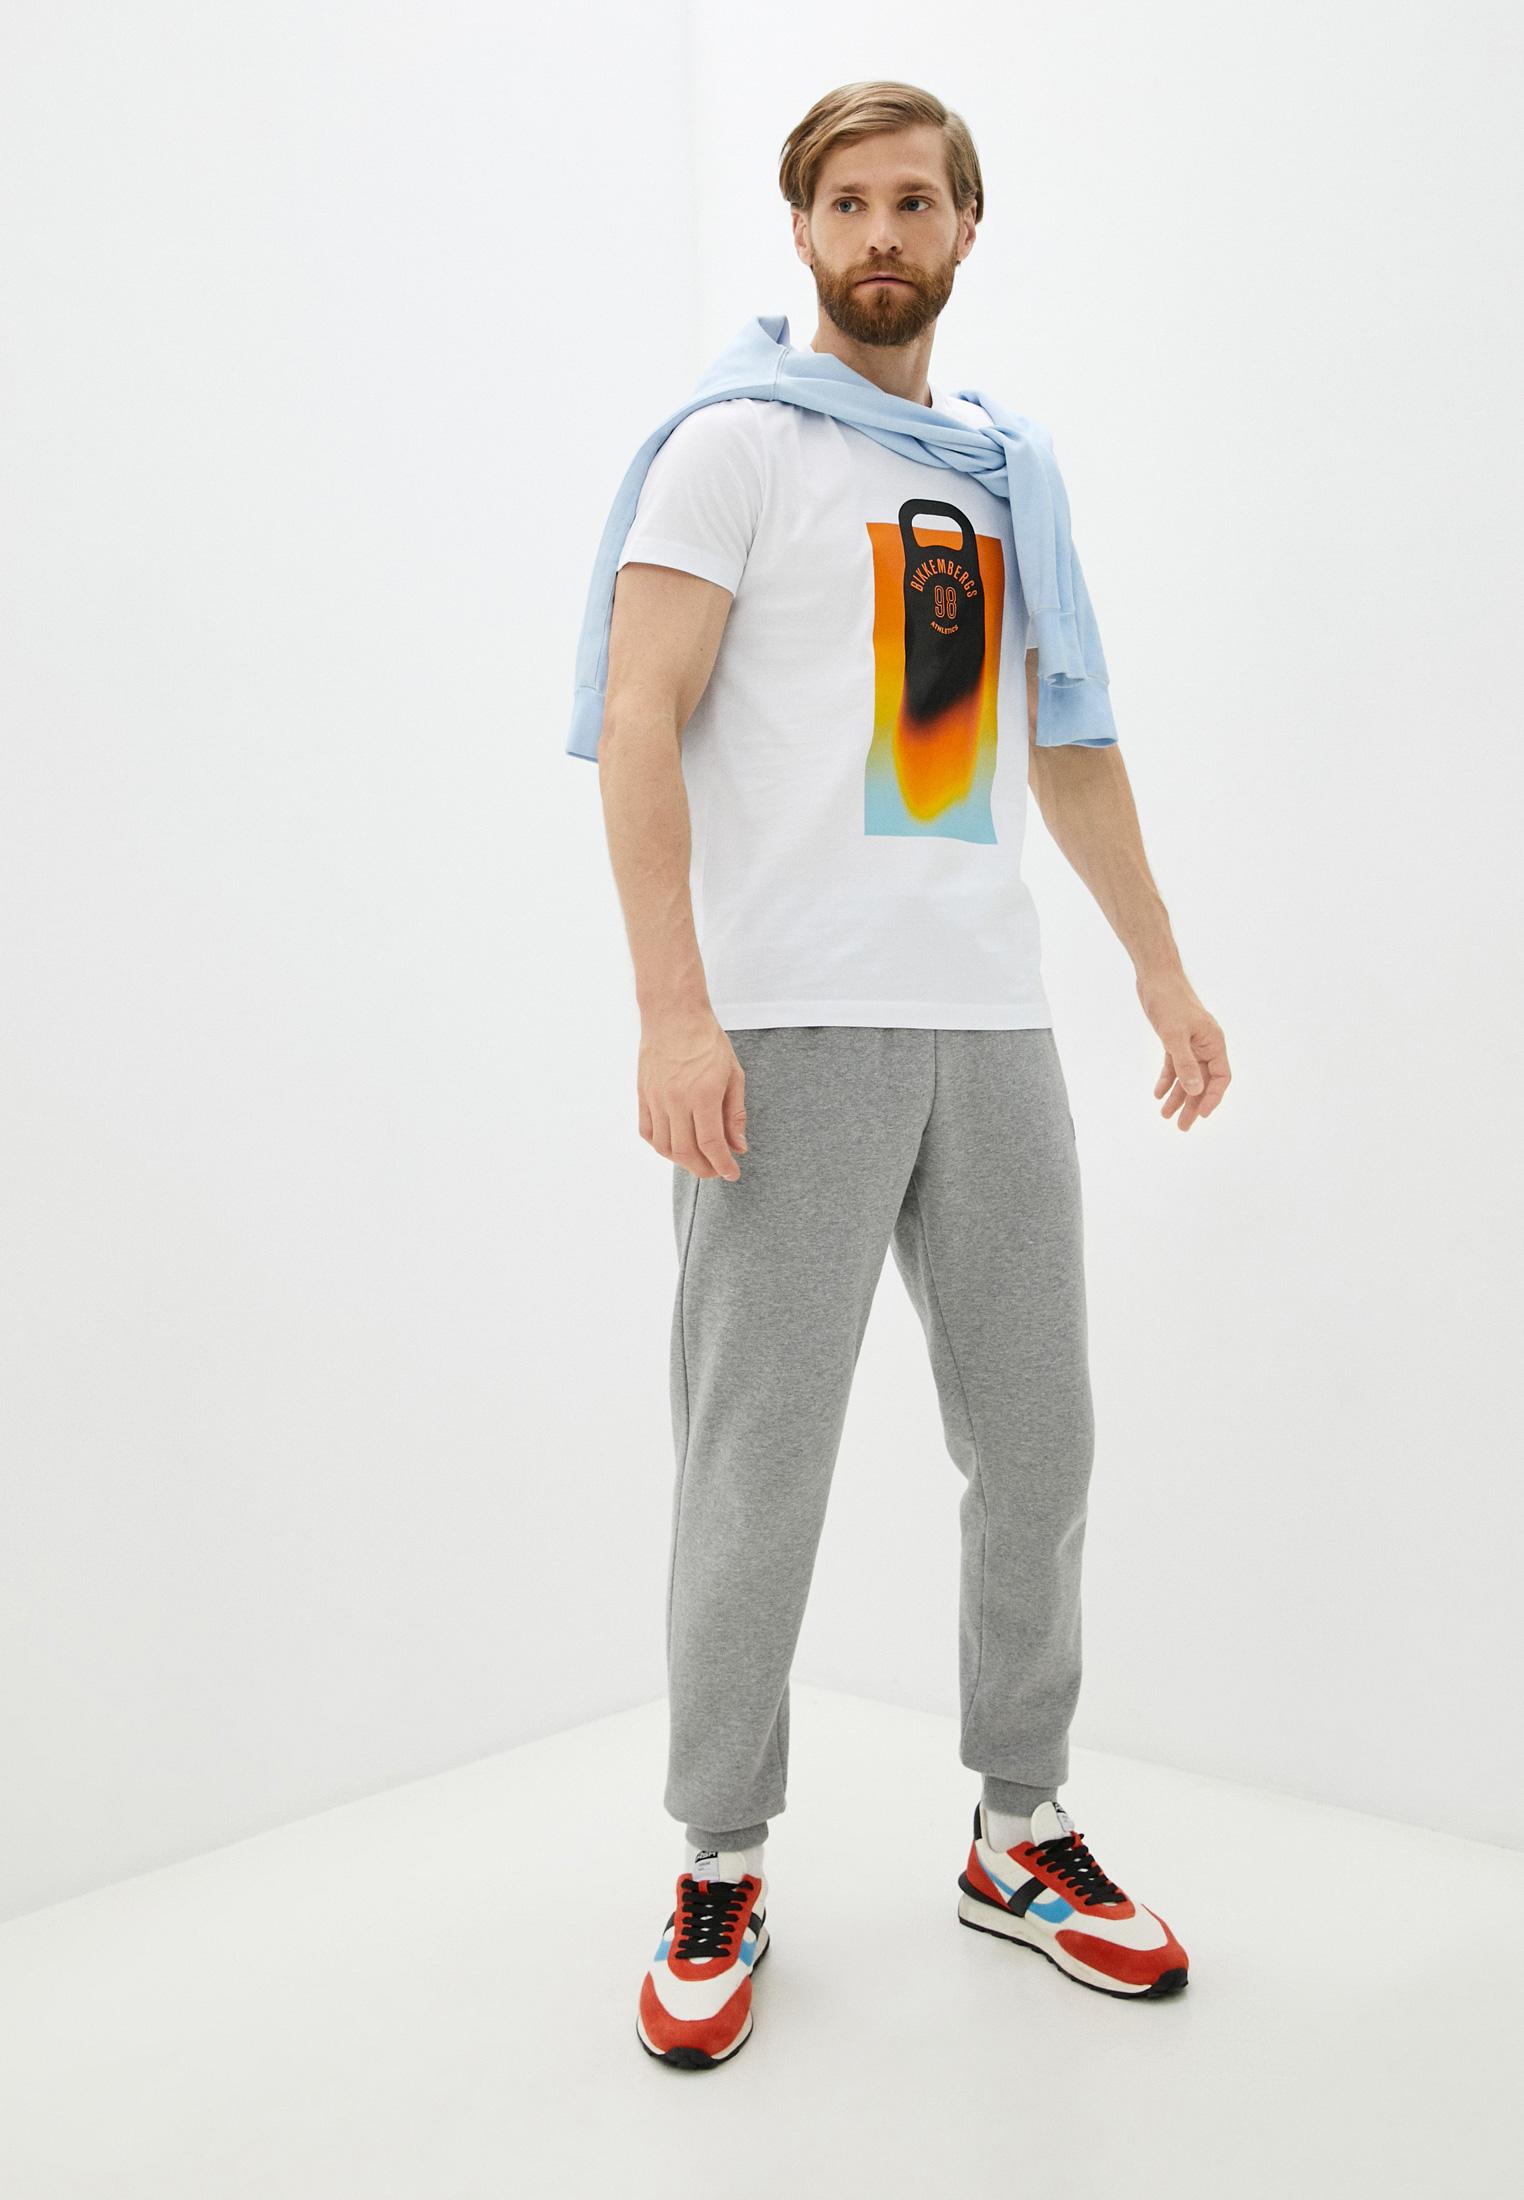 Мужская футболка Bikkembergs (Биккембергс) C 4 101 46 M 4298: изображение 3